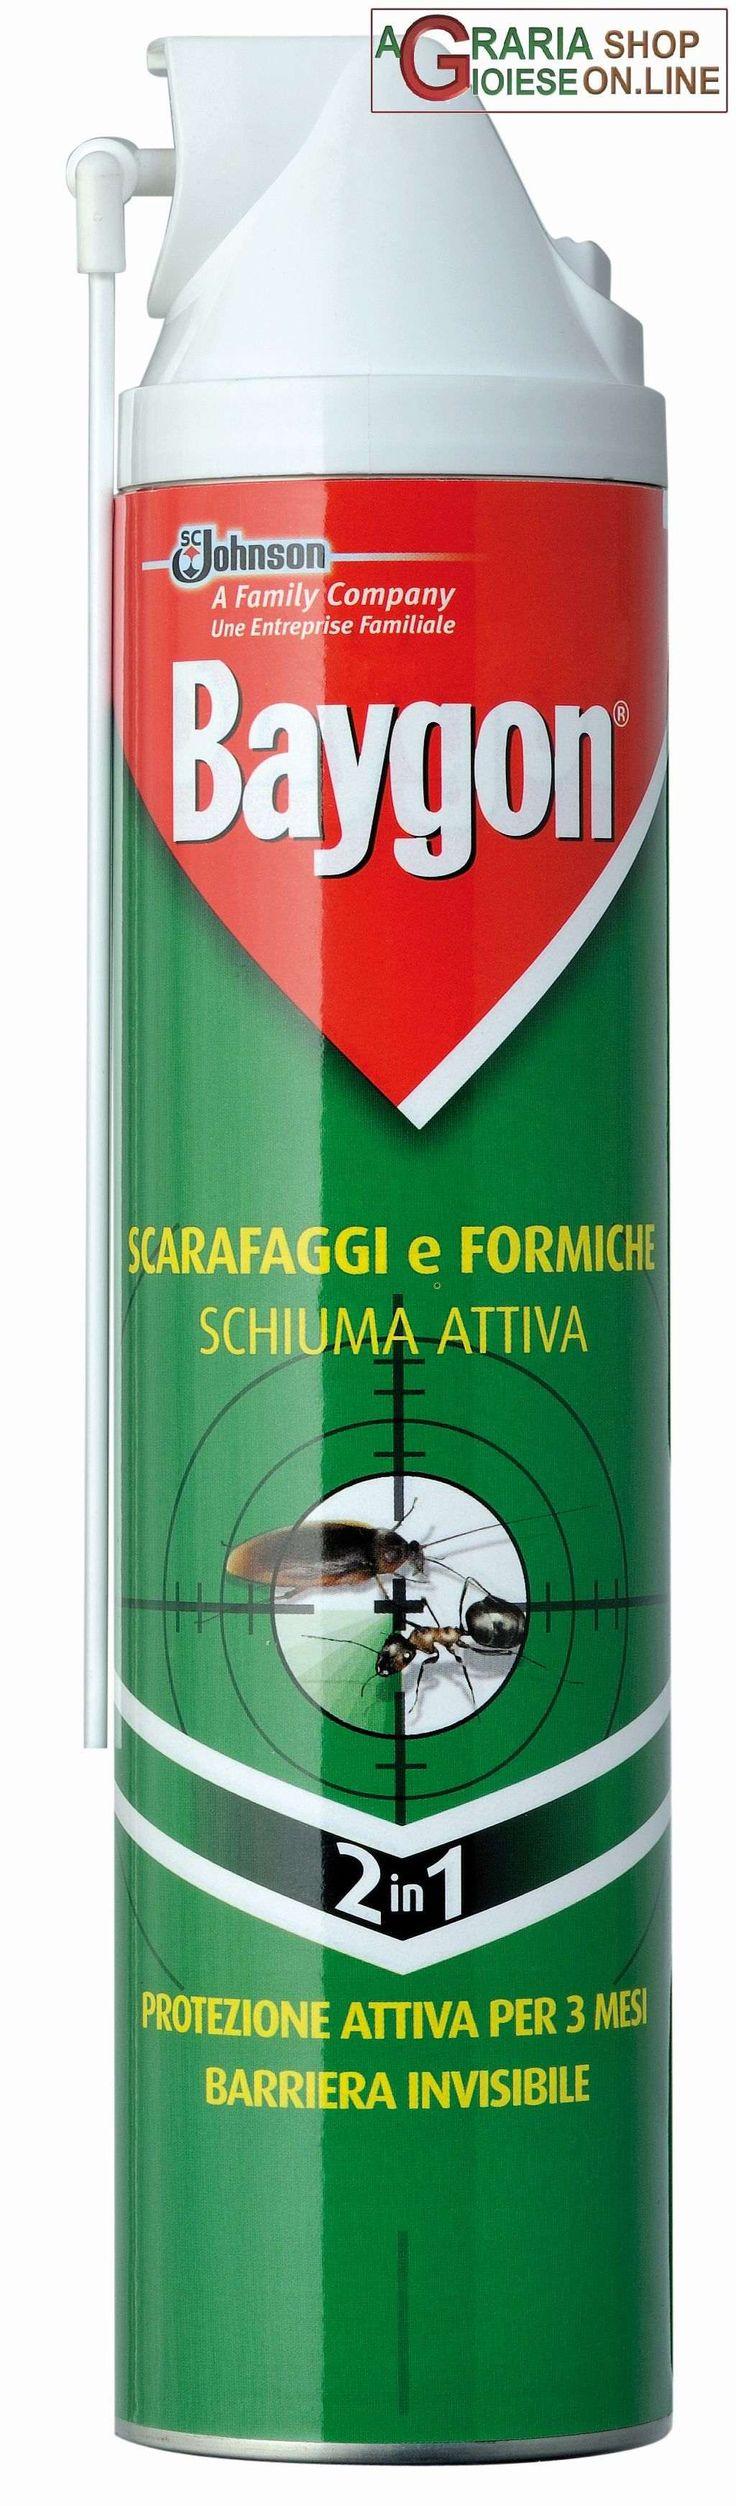 BAYGON SCHIUMA ML. 400 SCARAFAGGI E FORMICHE https://www.chiaradecaria.it/it/insetticidi-uso-civile/1272-baygon-schiuma-ml-400-scarafaggi-e-formiche-8000560520019.html